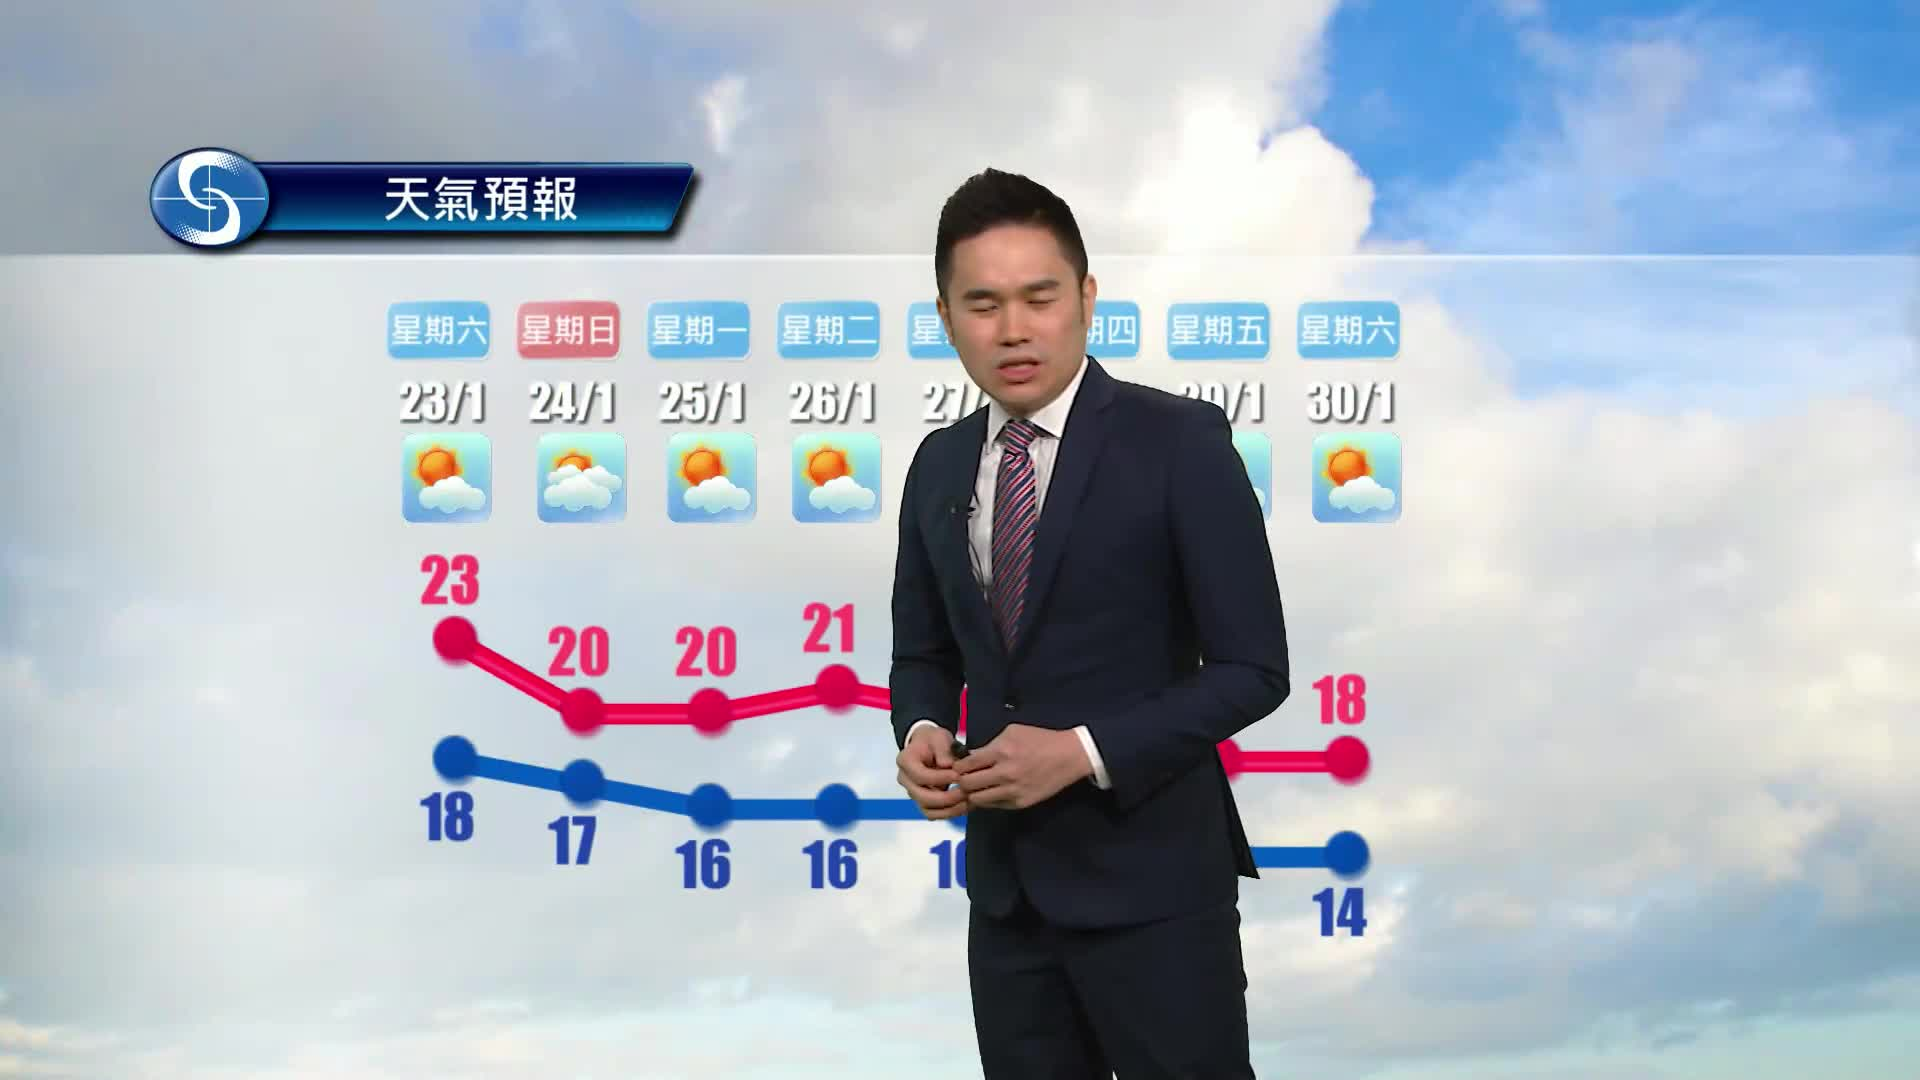 早晨天氣節目(01月22日上午7時) - 科學主任何俊傑